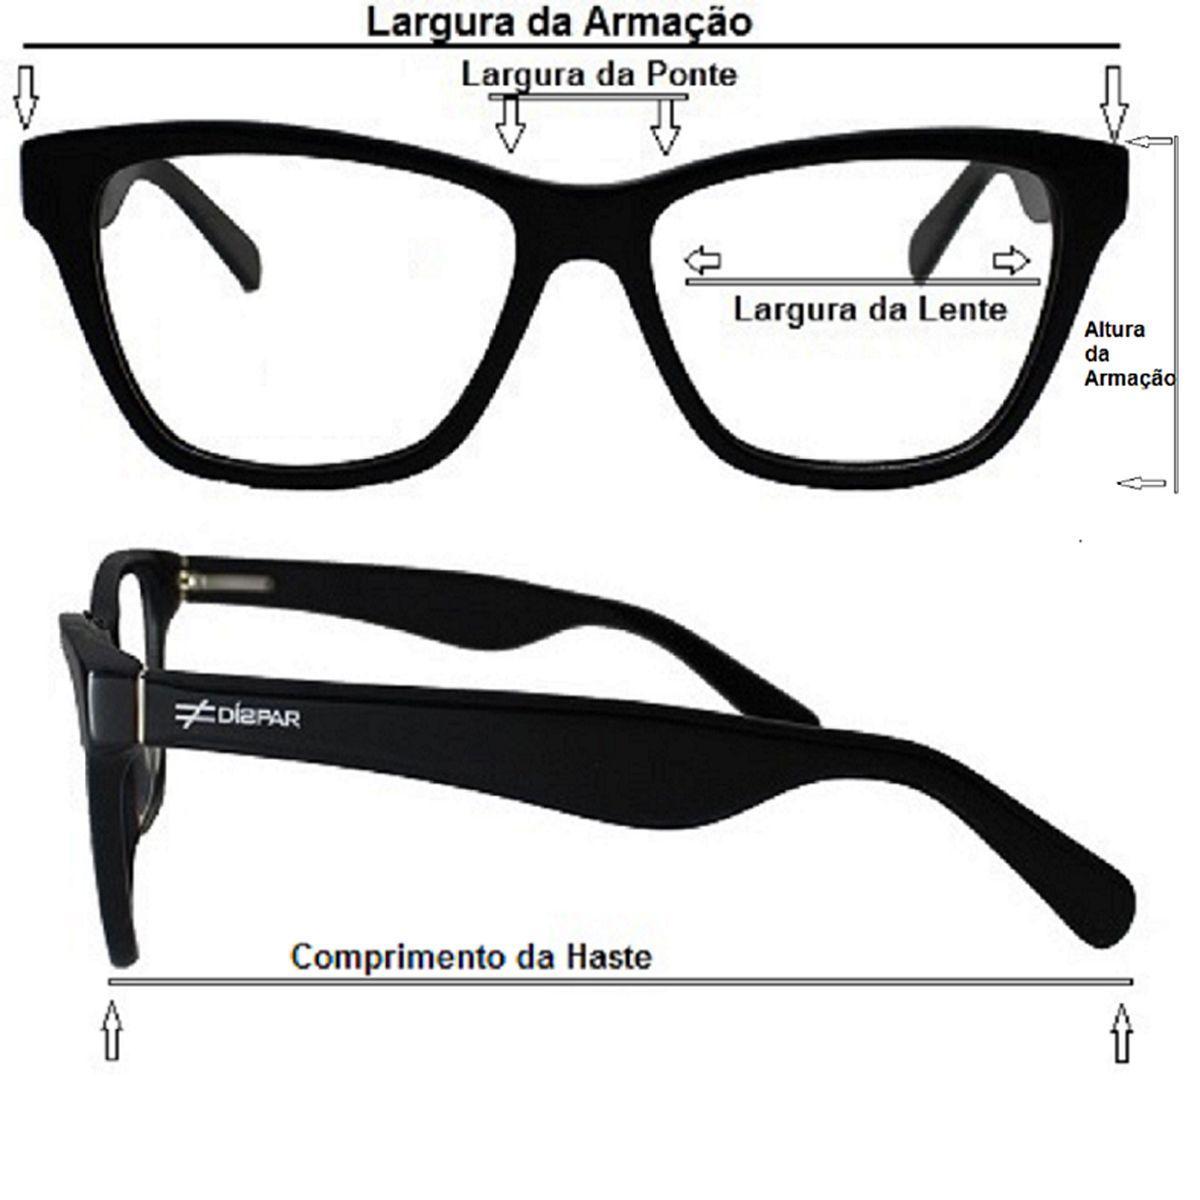 e037f9753f4a4 ... Armação para Óculos Díspar D1631 Preto